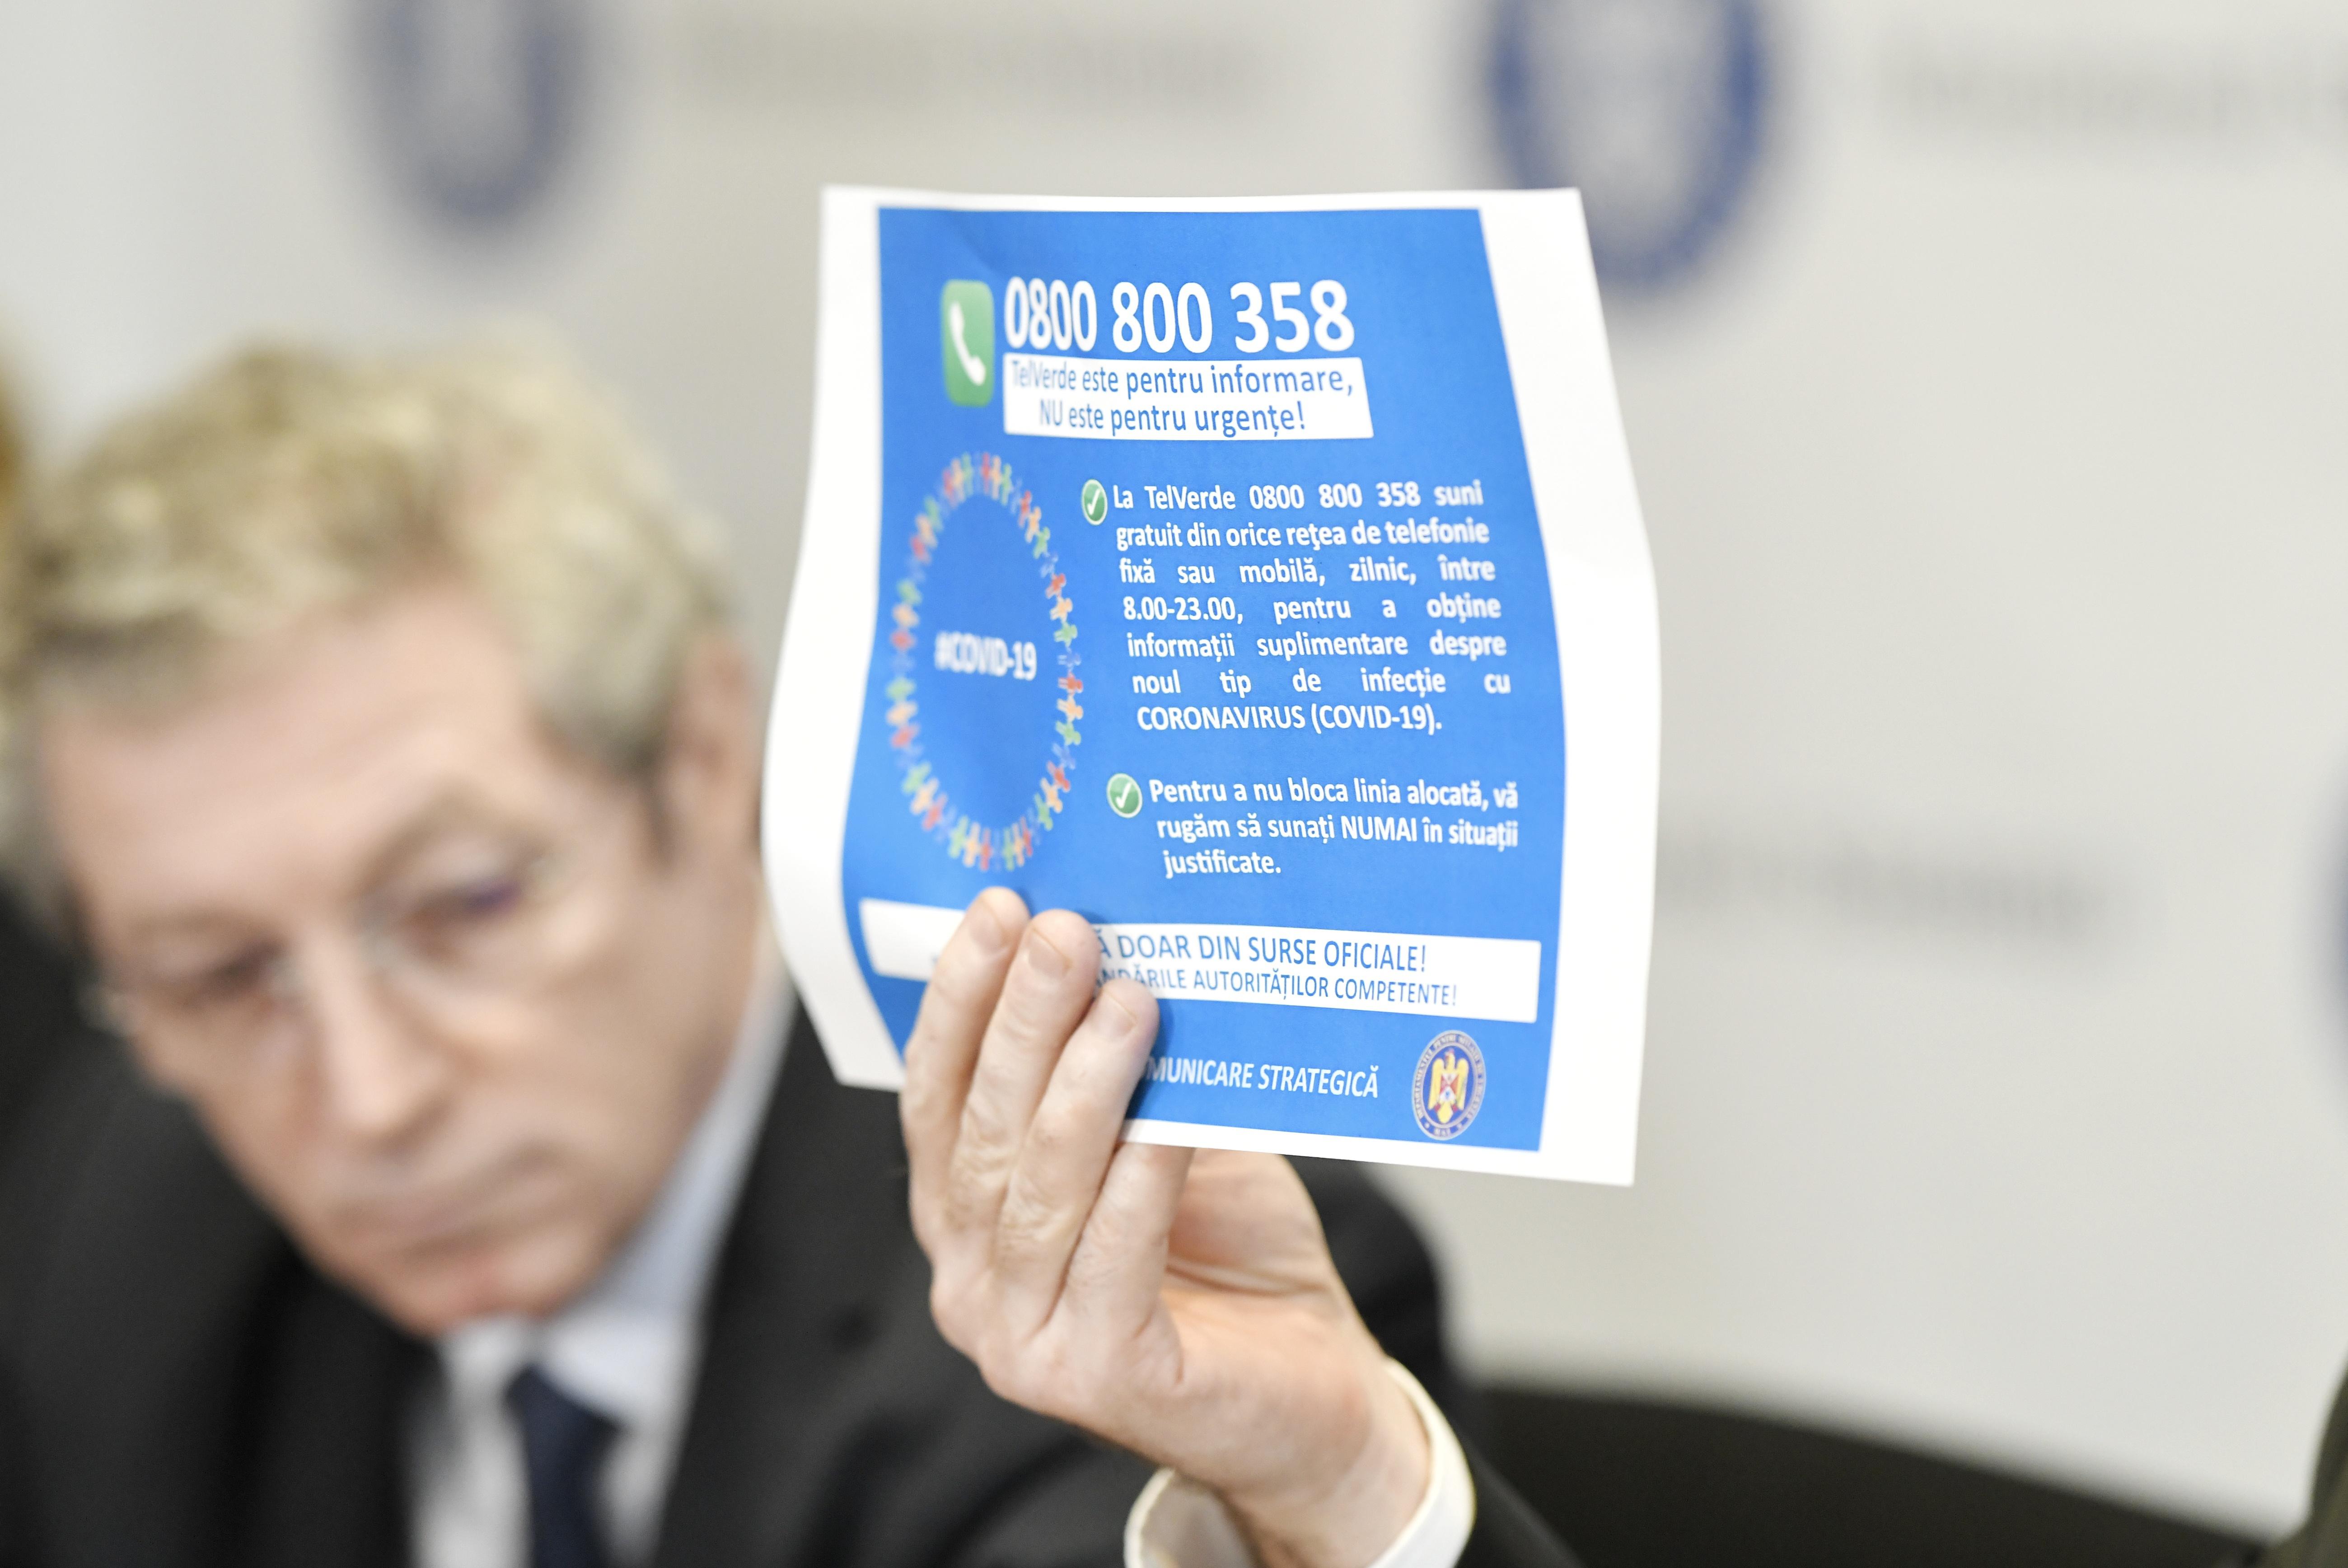 ALERTĂ Trei cazuri de coronavirus ACUM în România. Tânărul din Gorj, confirmat cu virusul Covid-19, este în continuare asimptomatic/ Bilanţ: 182 de persoane, în carantină, iar 8.231 sunt izolate la domiciliu